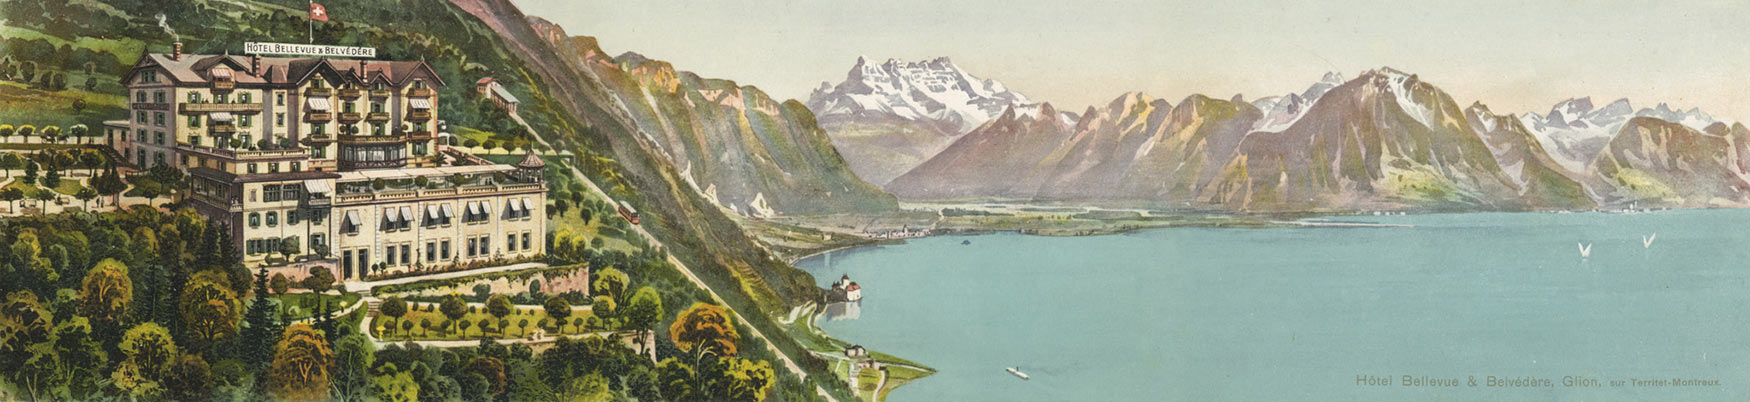 Hôtel Bellevue et Belvédère, Glion, sur Territet Montreux